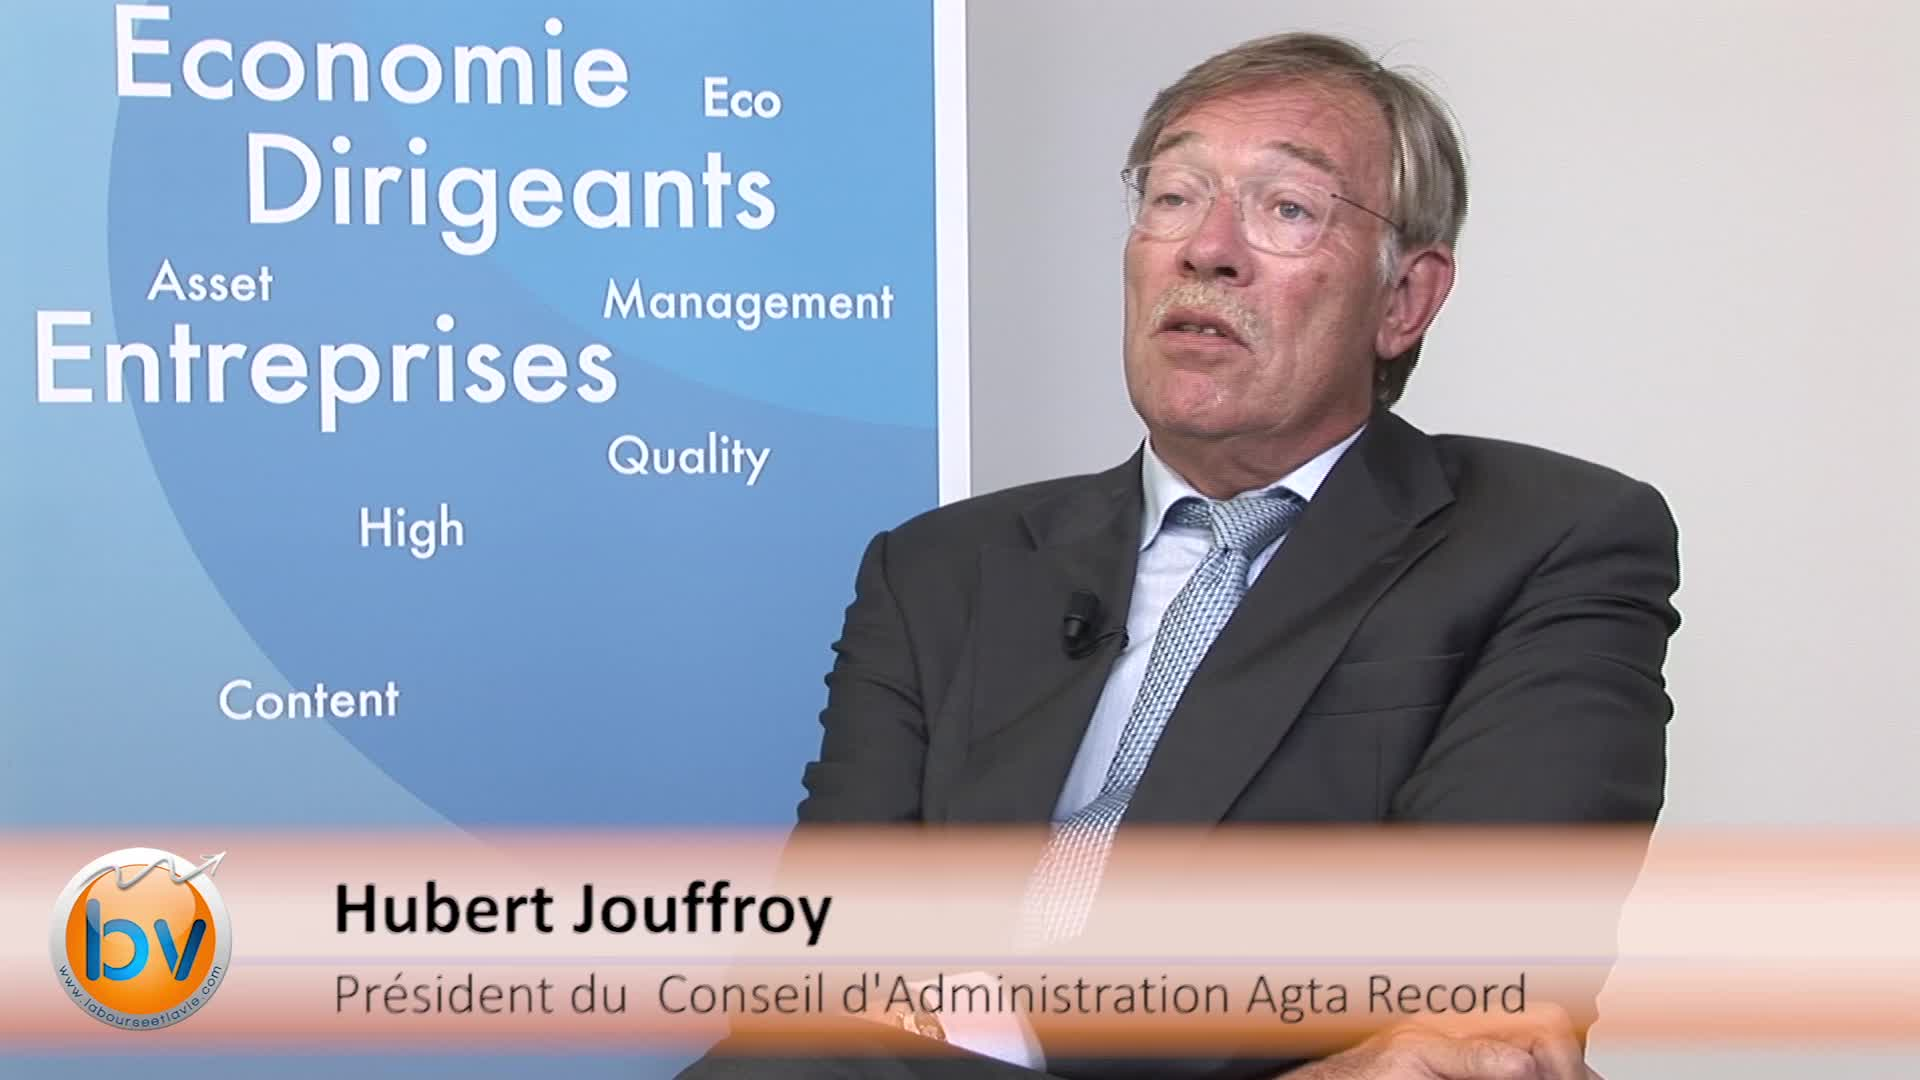 """Hubert Jouffroy Président du Conseil d'Administration Agta Record : """"Nous sommes optimistes pour l'année 2015"""""""